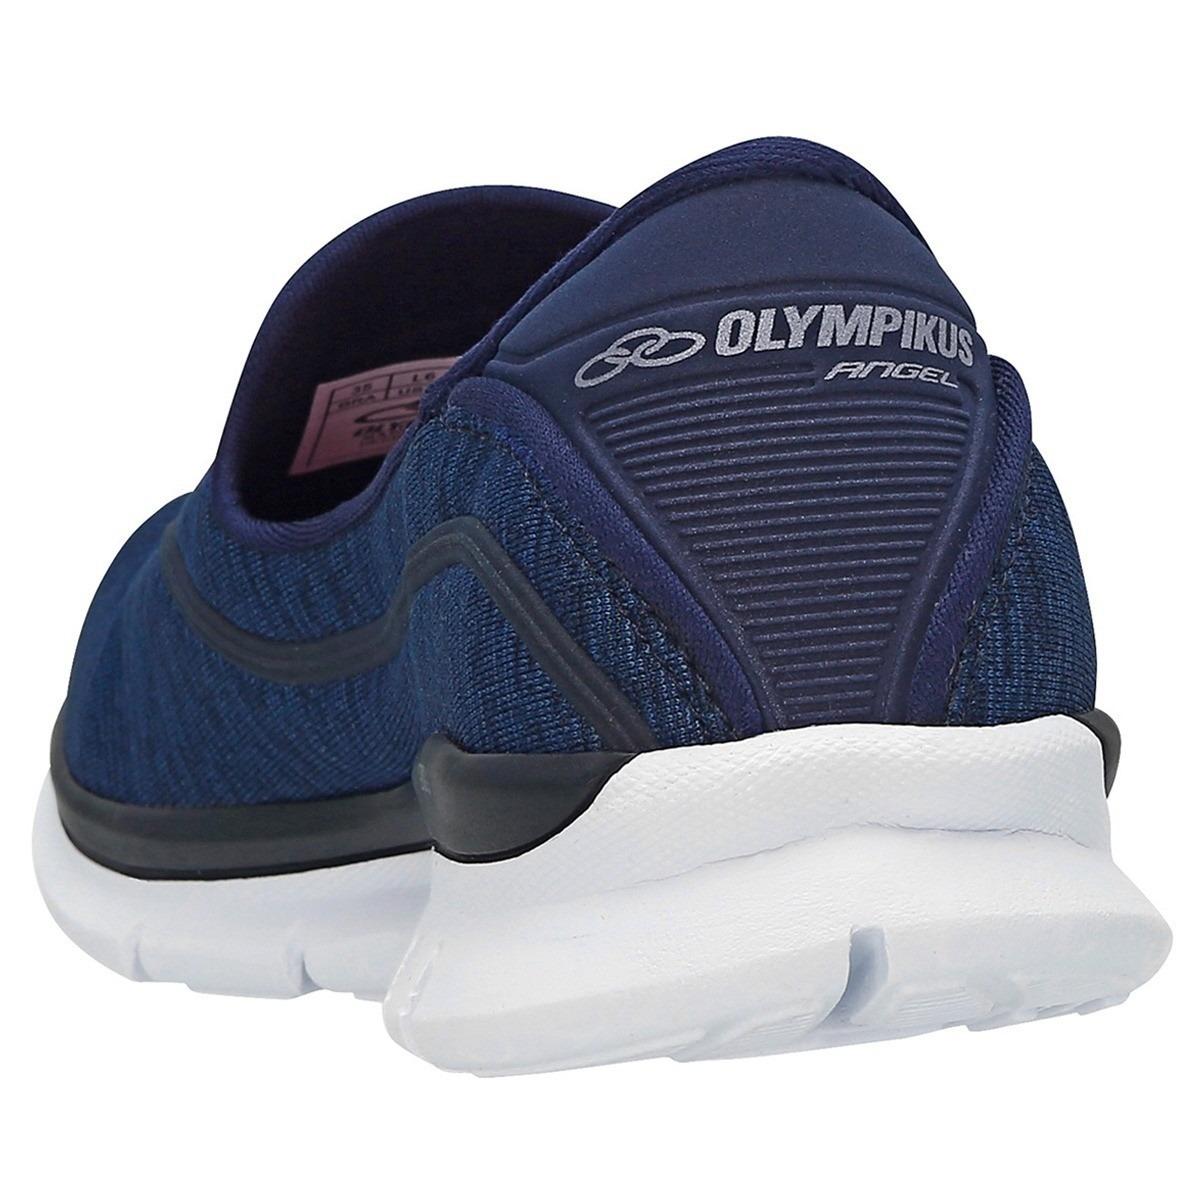 e92c04e485b sapatilha feminina olympikus angel feetpad promoção carnaval. Carregando  zoom.